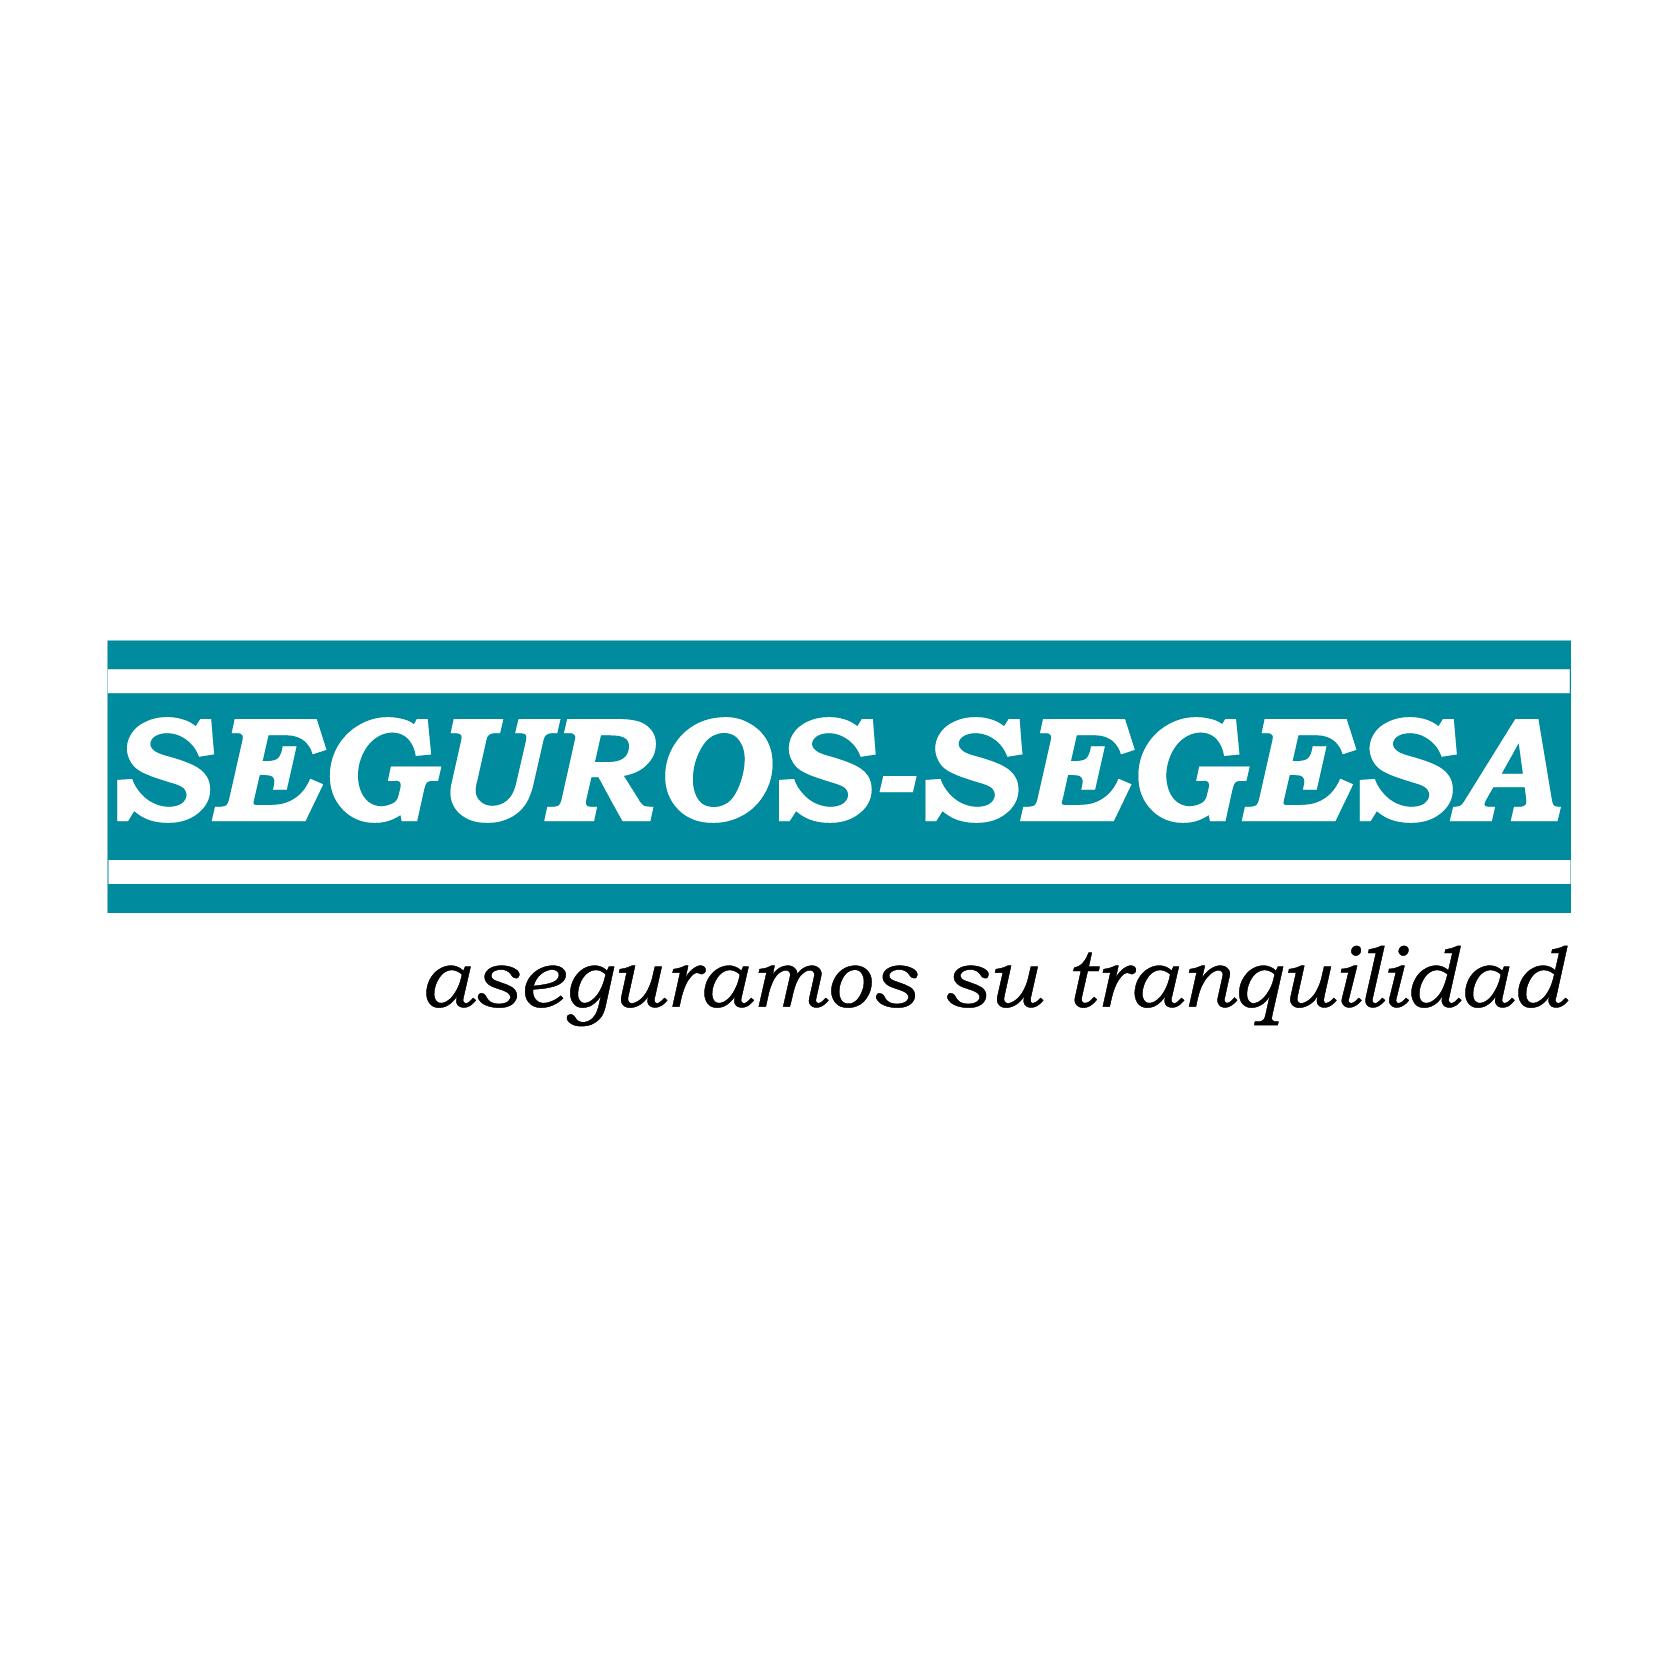 logo segesa  2016-01